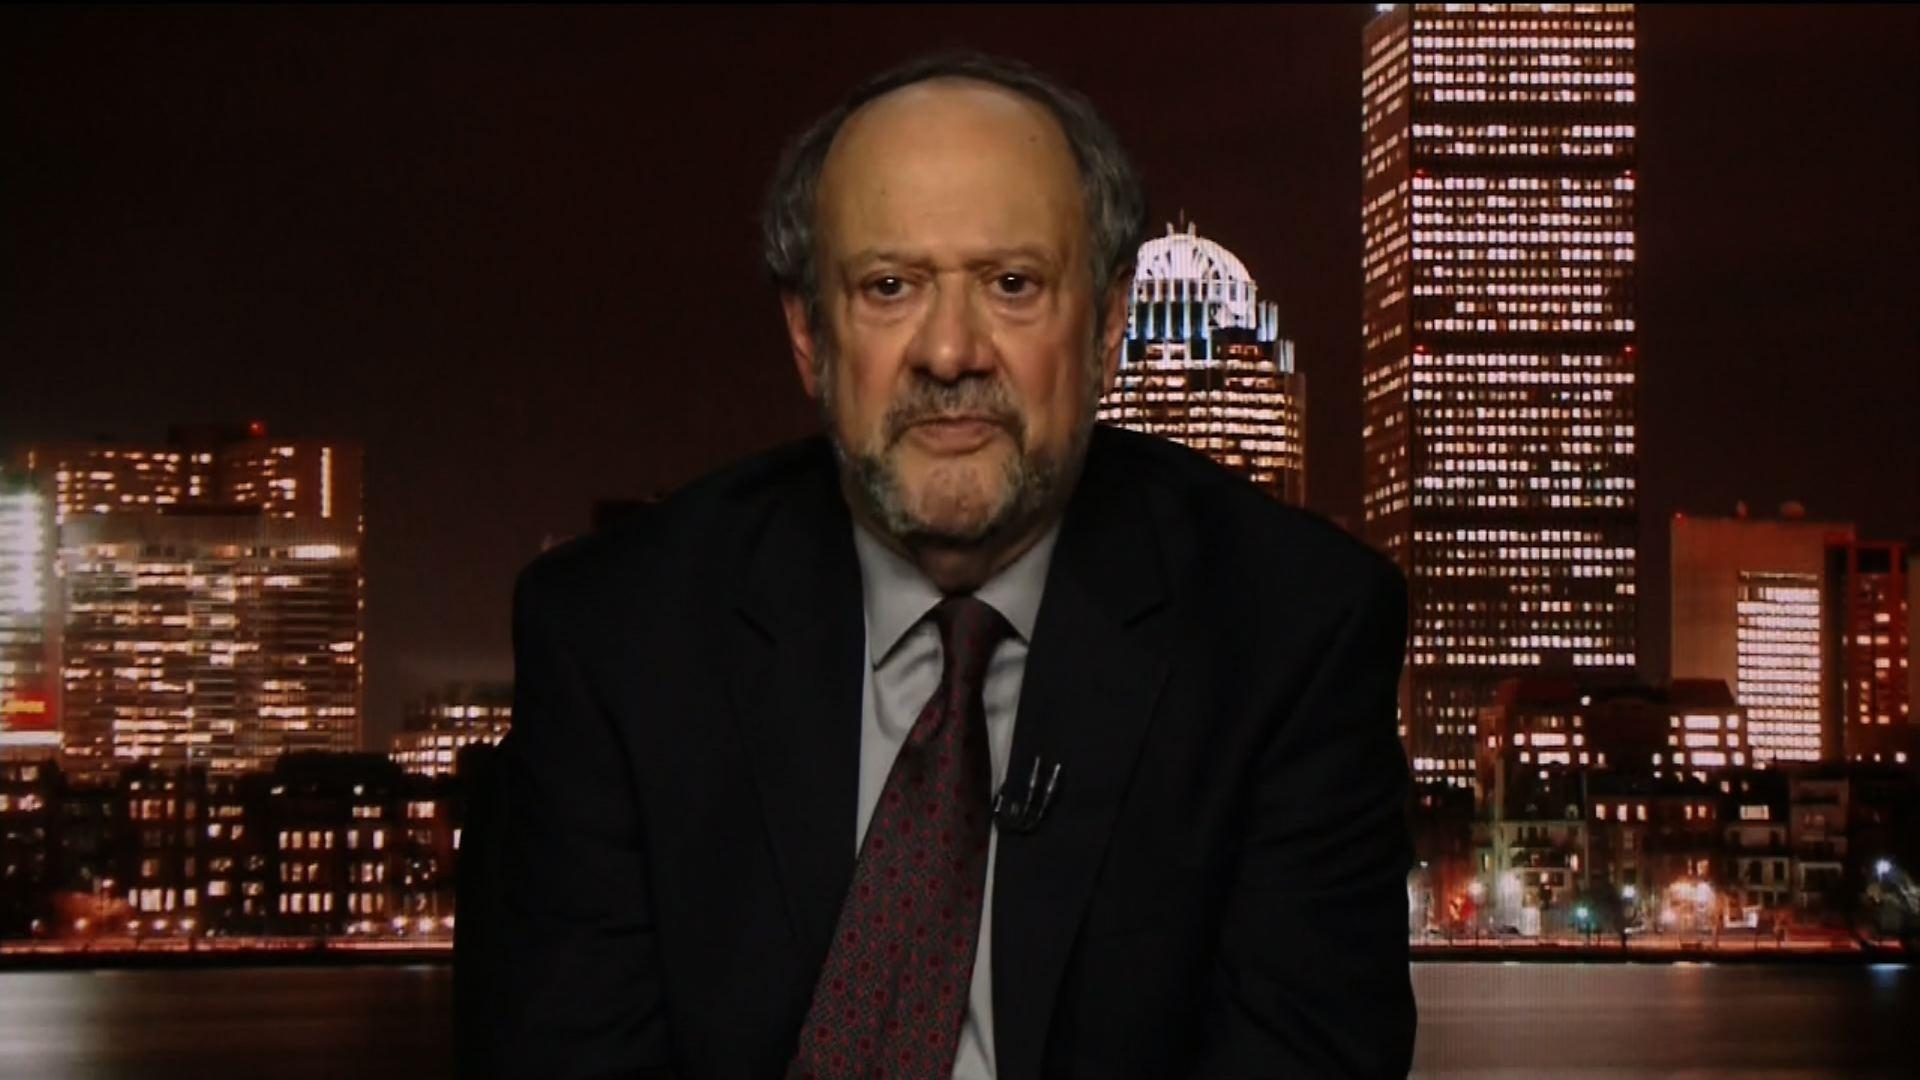 Professor & Author Robert Kuttner